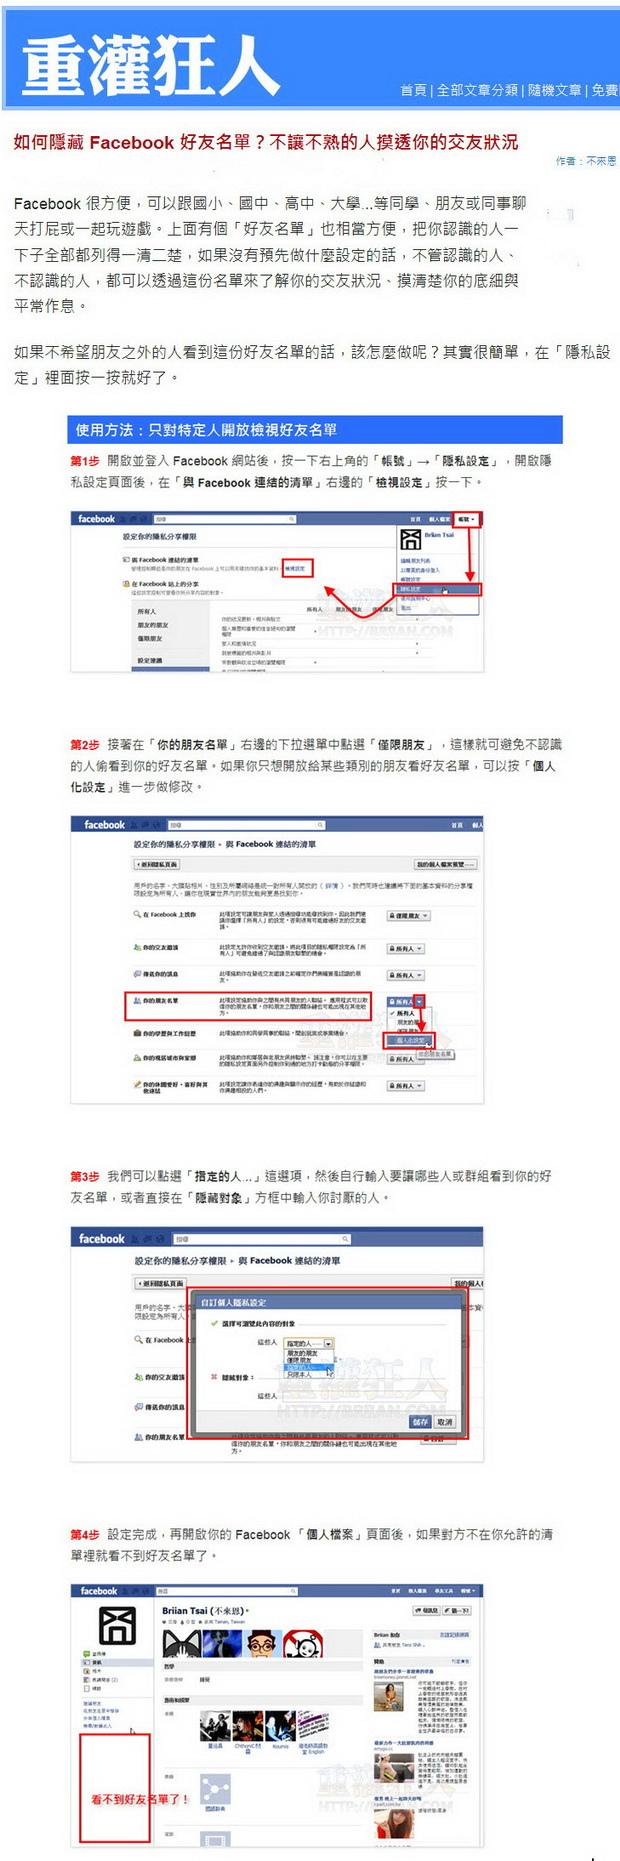 如何隱藏 Facebook 好友名單?不讓不熟的人摸透你的交友狀況-1.jpg